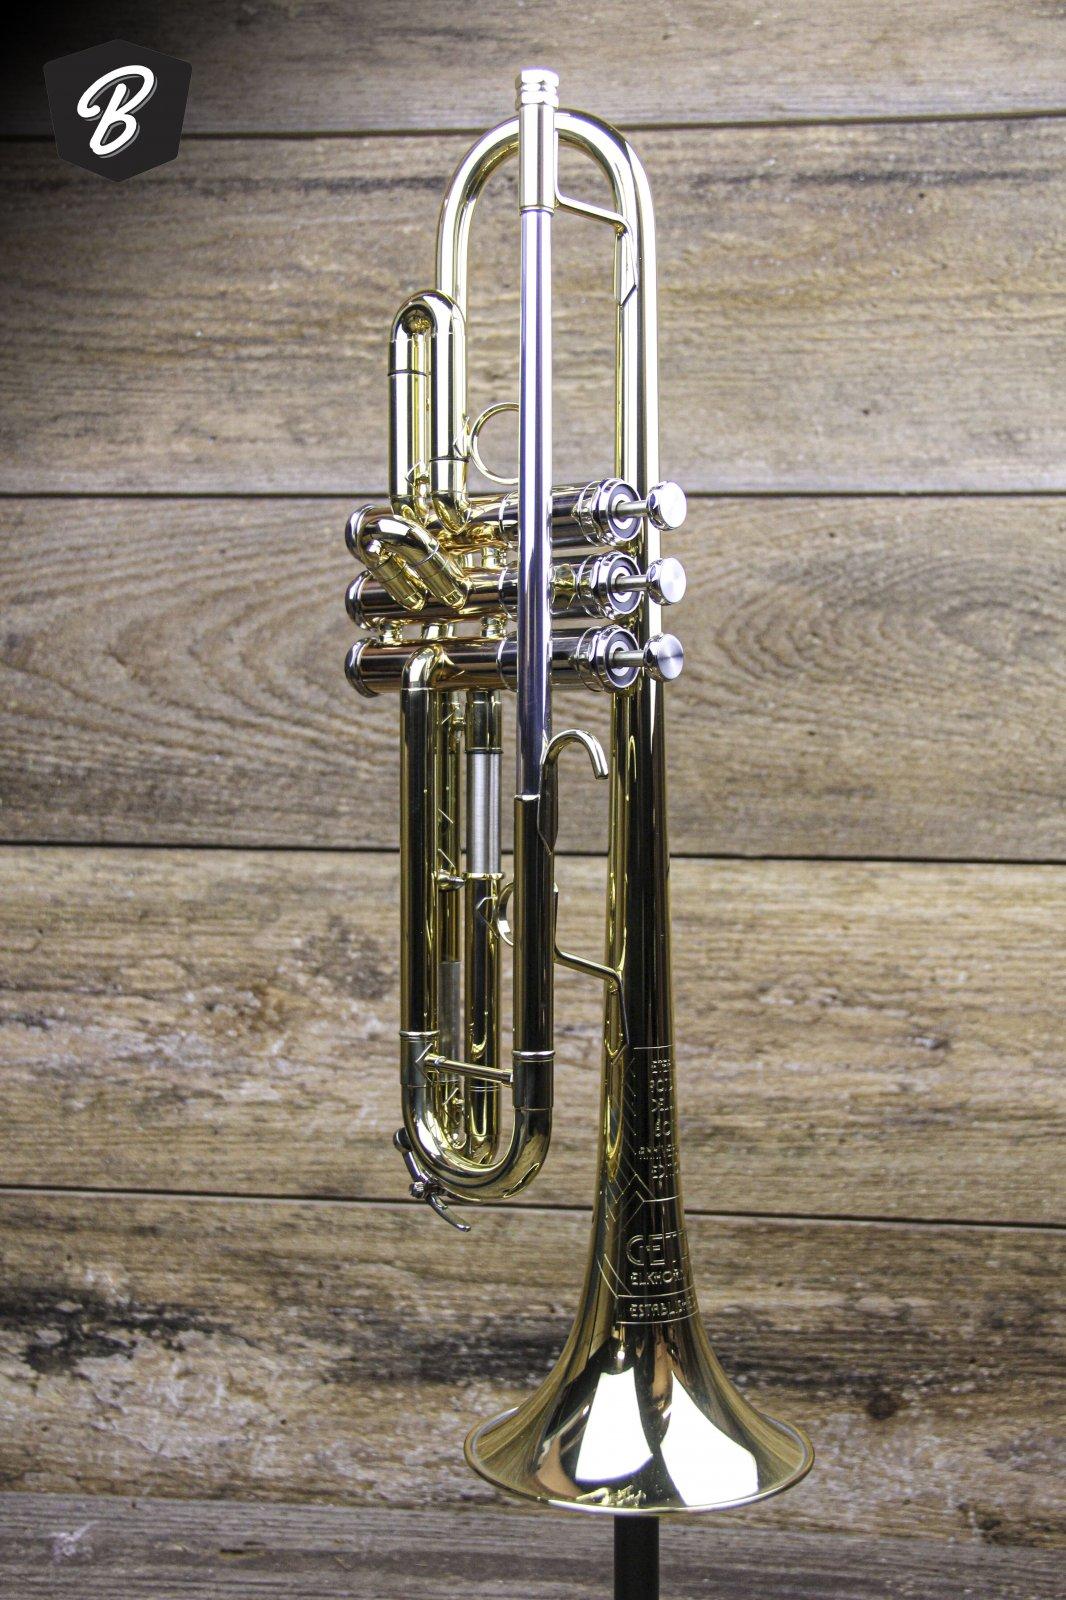 Getzen 907DLX Eterna Series Trumpet in Lacquer w/Case